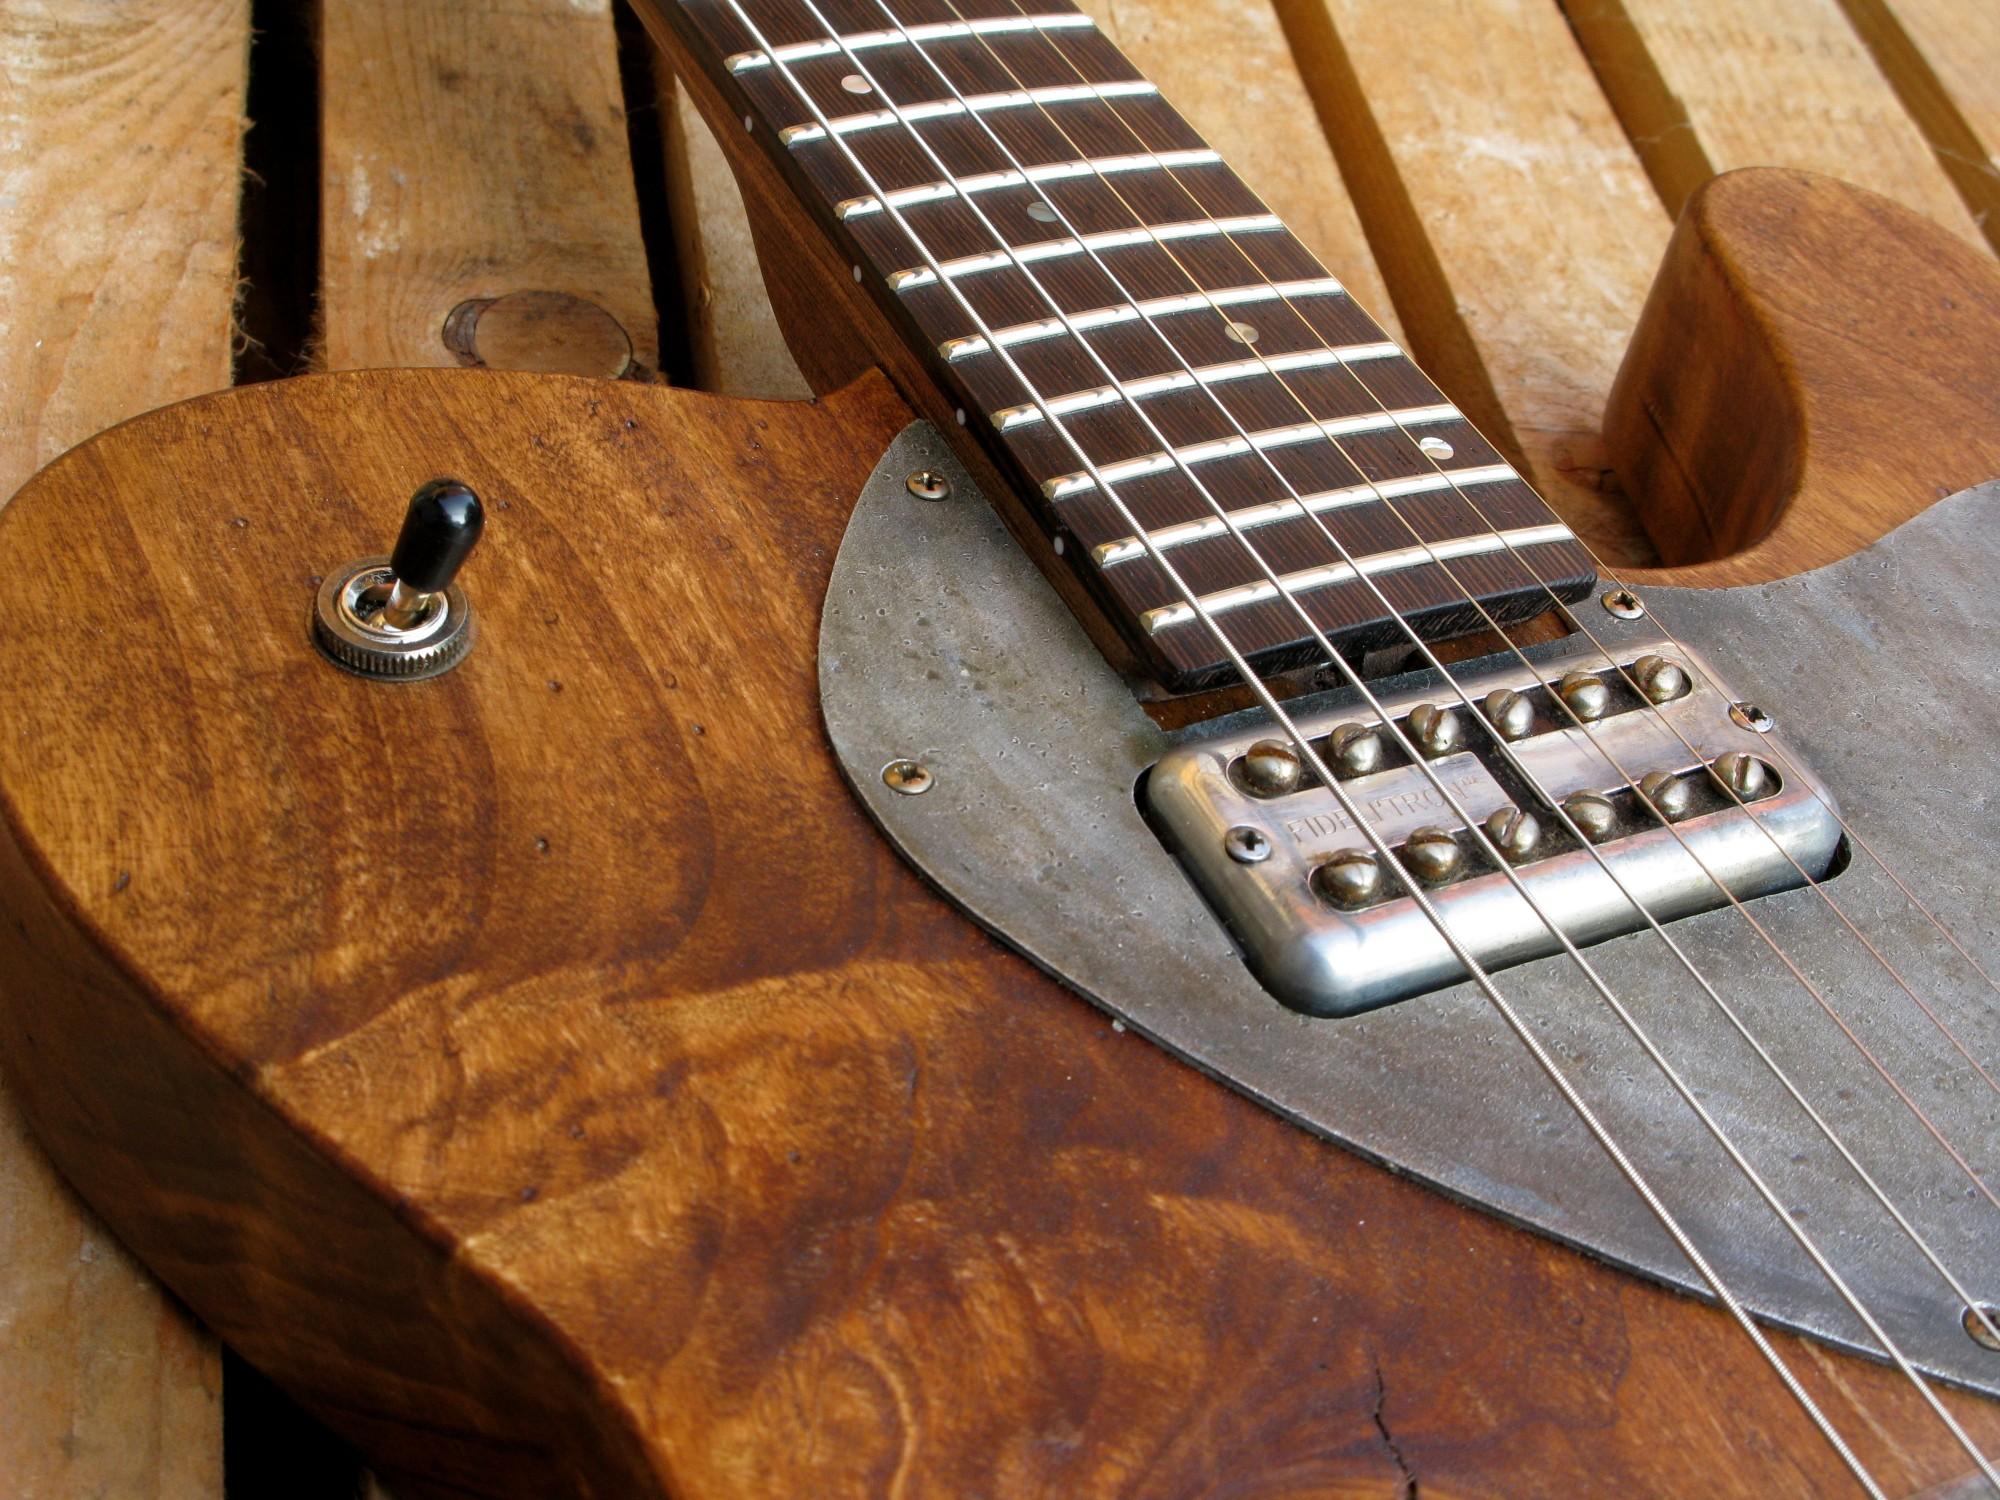 Pickup al manico di una chitarra Telecaster in pioppo antico